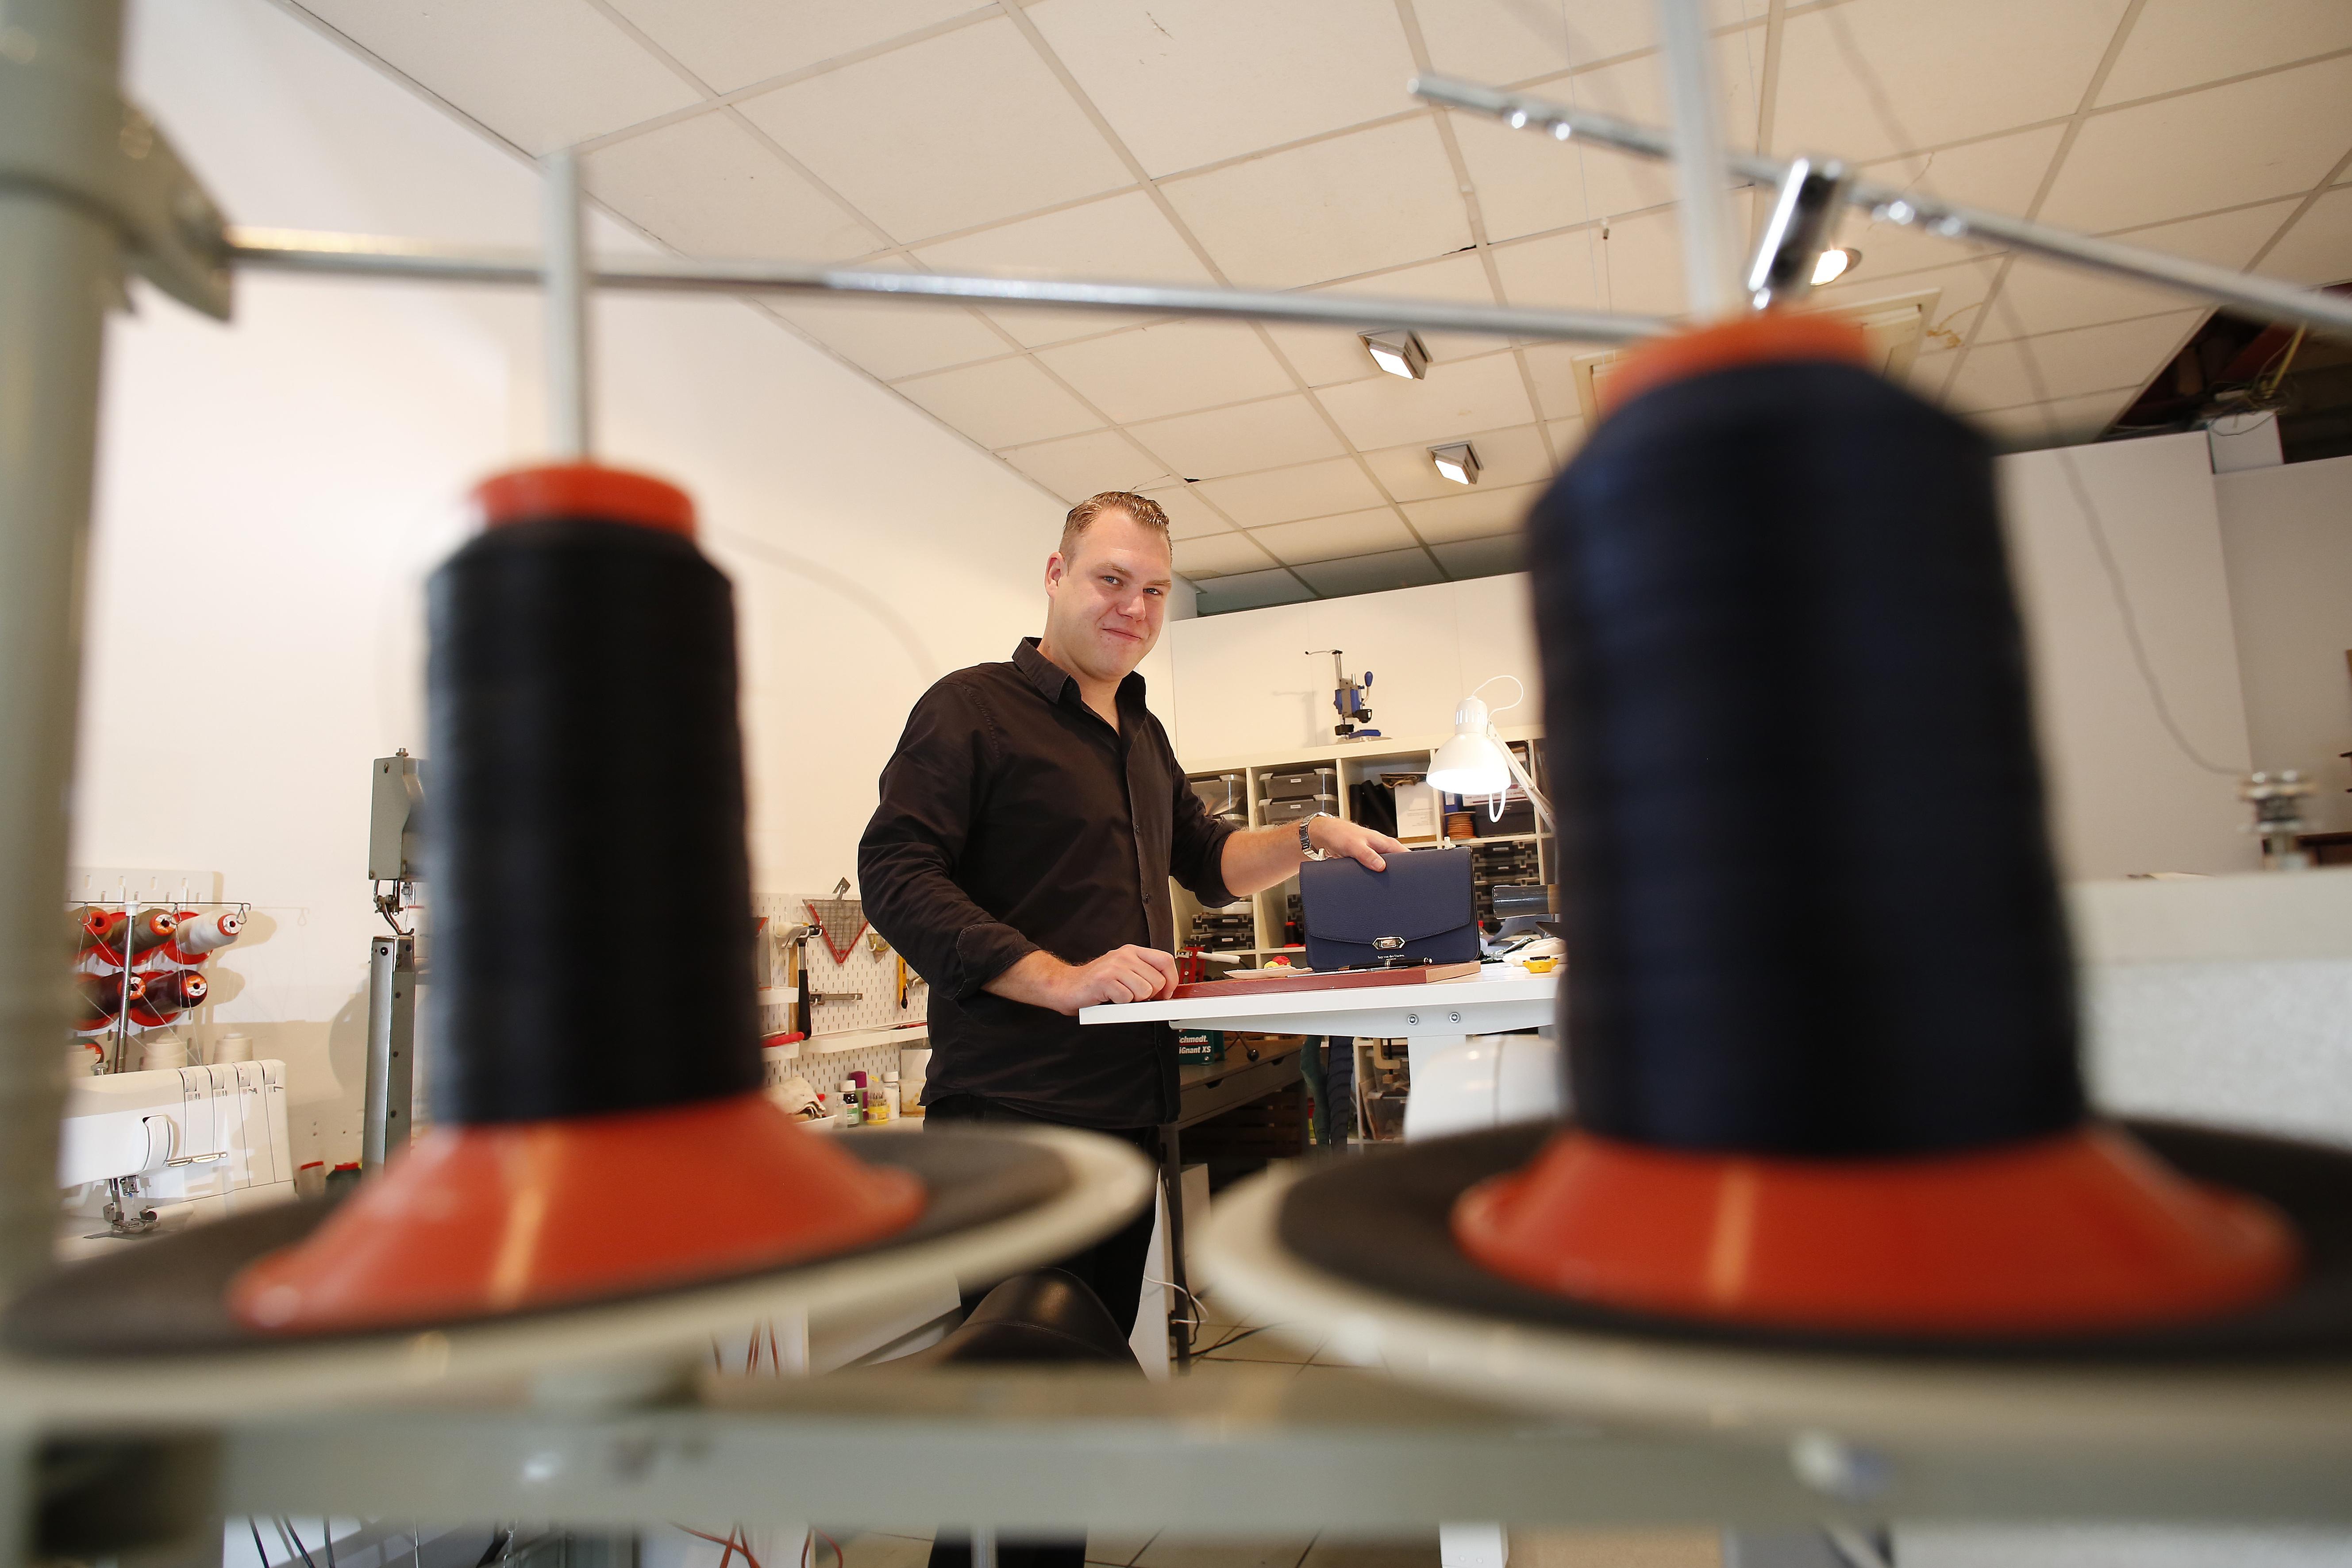 Luxe leren tassen worden met de hand gemaakt in de 'Gijsbrecht': 'Ik zette er ambitieus 'Roy van der Linden' op want ik dacht dat ik de hele wereld aankon'